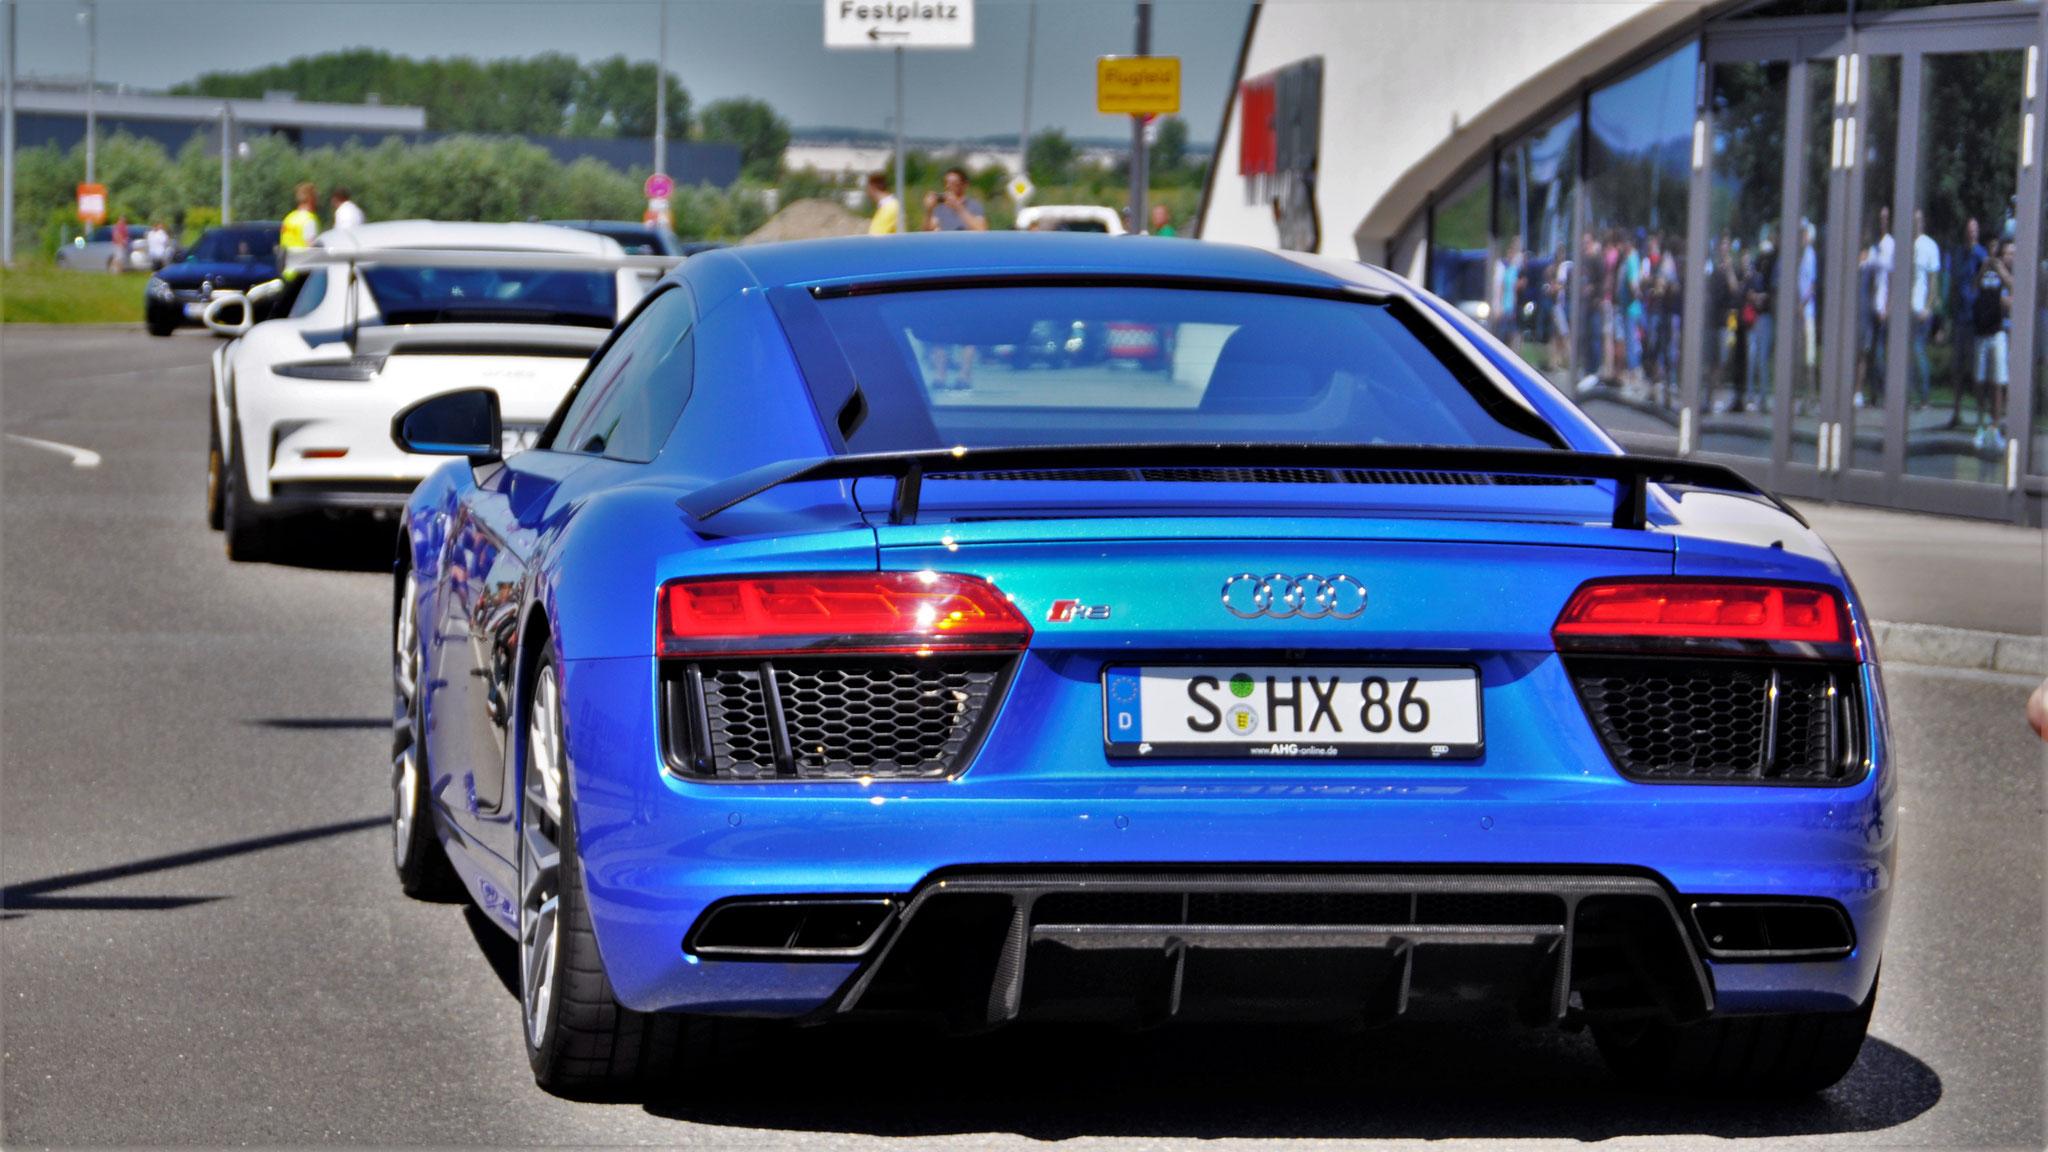 Audi R8 V10 - S-HX-86